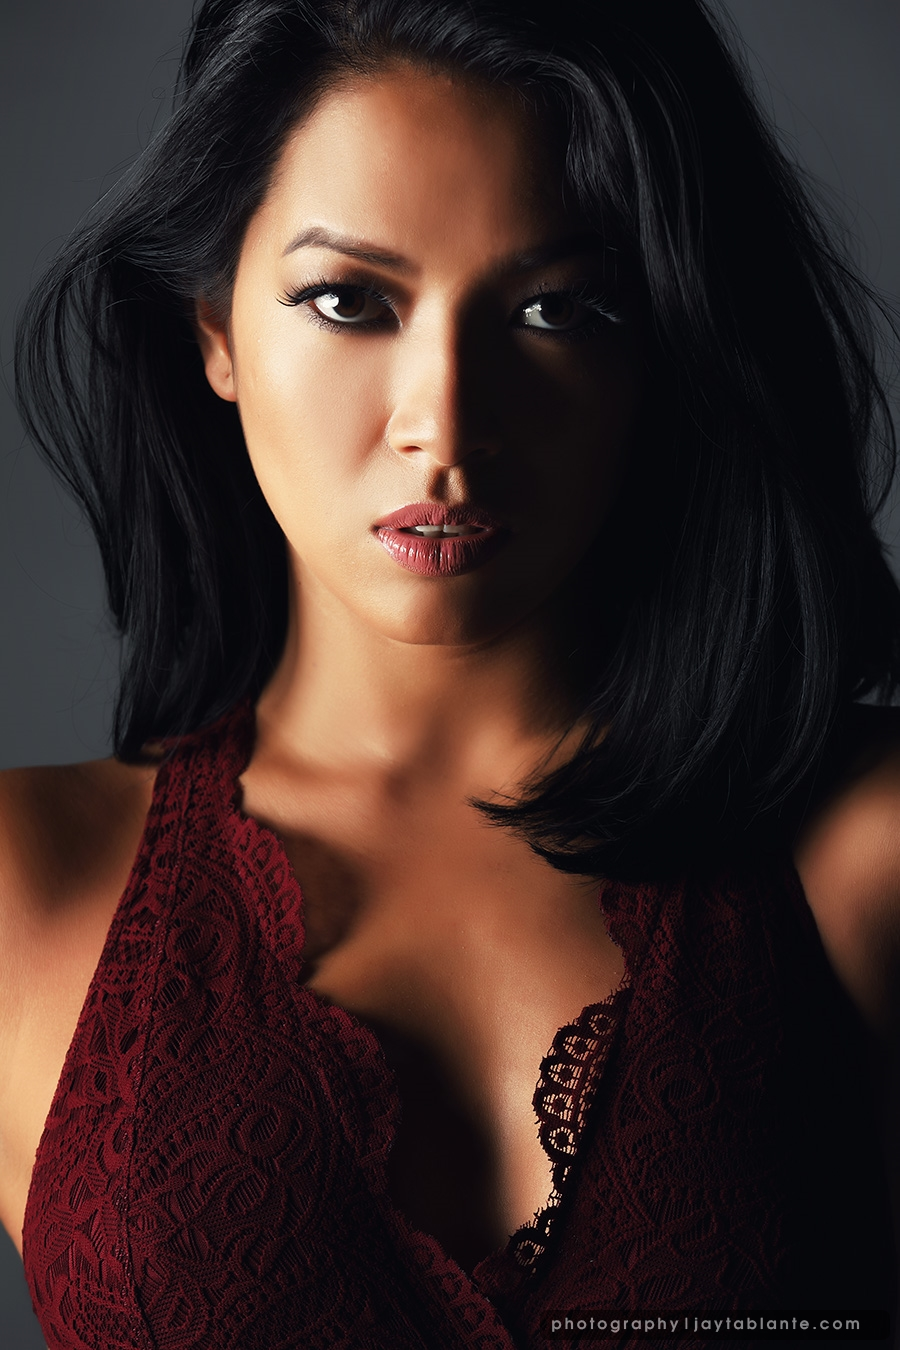 Model Portfolio: Samantha